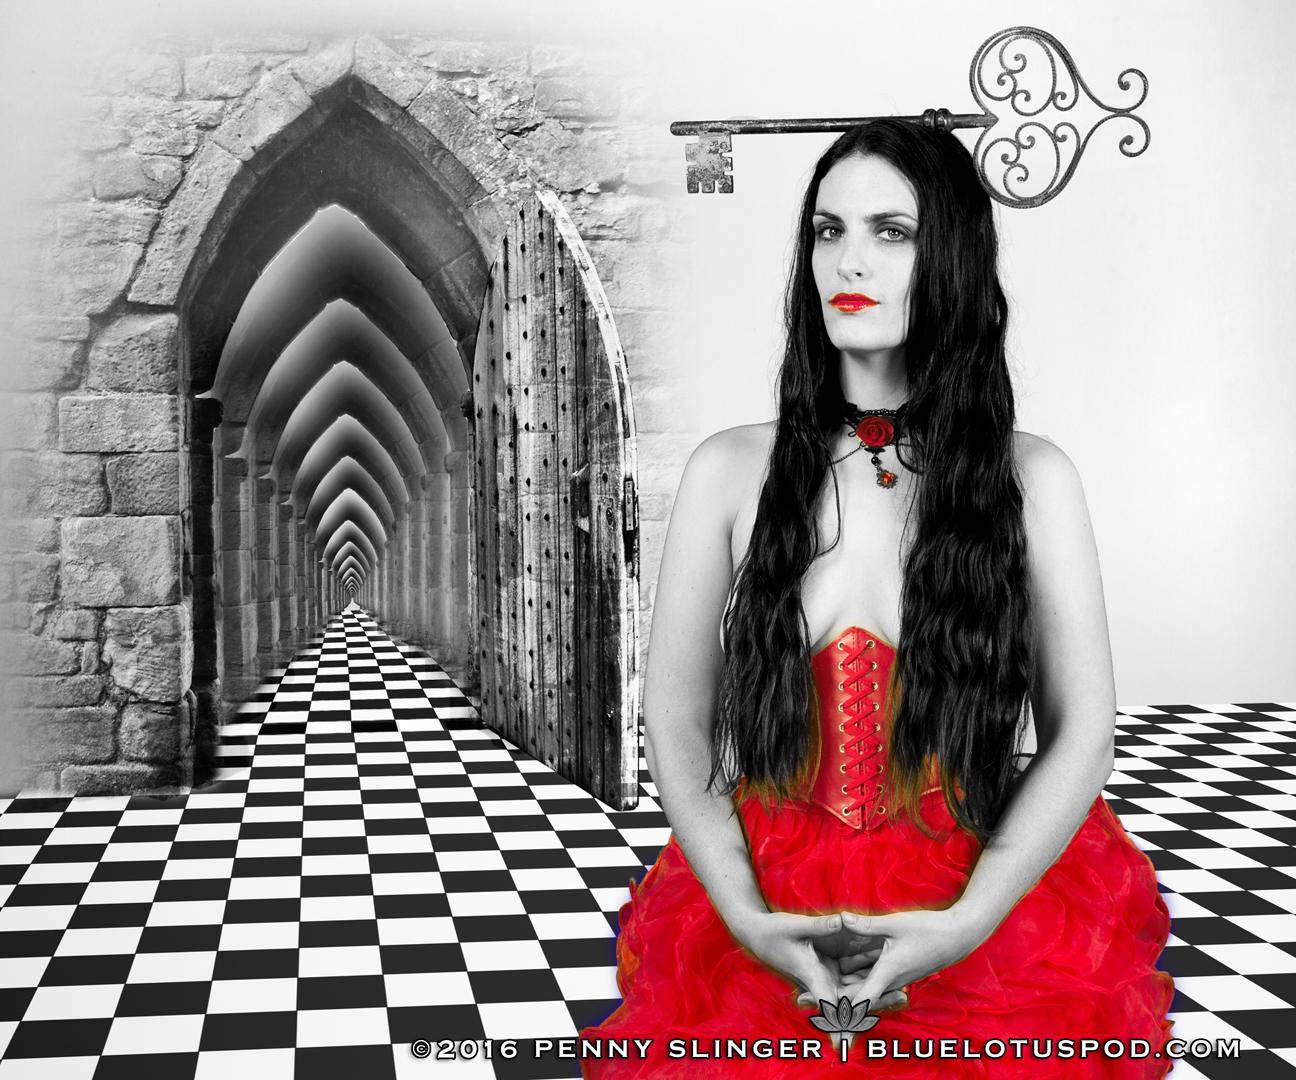 Marya_Stark_Queen_Keys_Penny_Slinger_Red_Lady.jpg